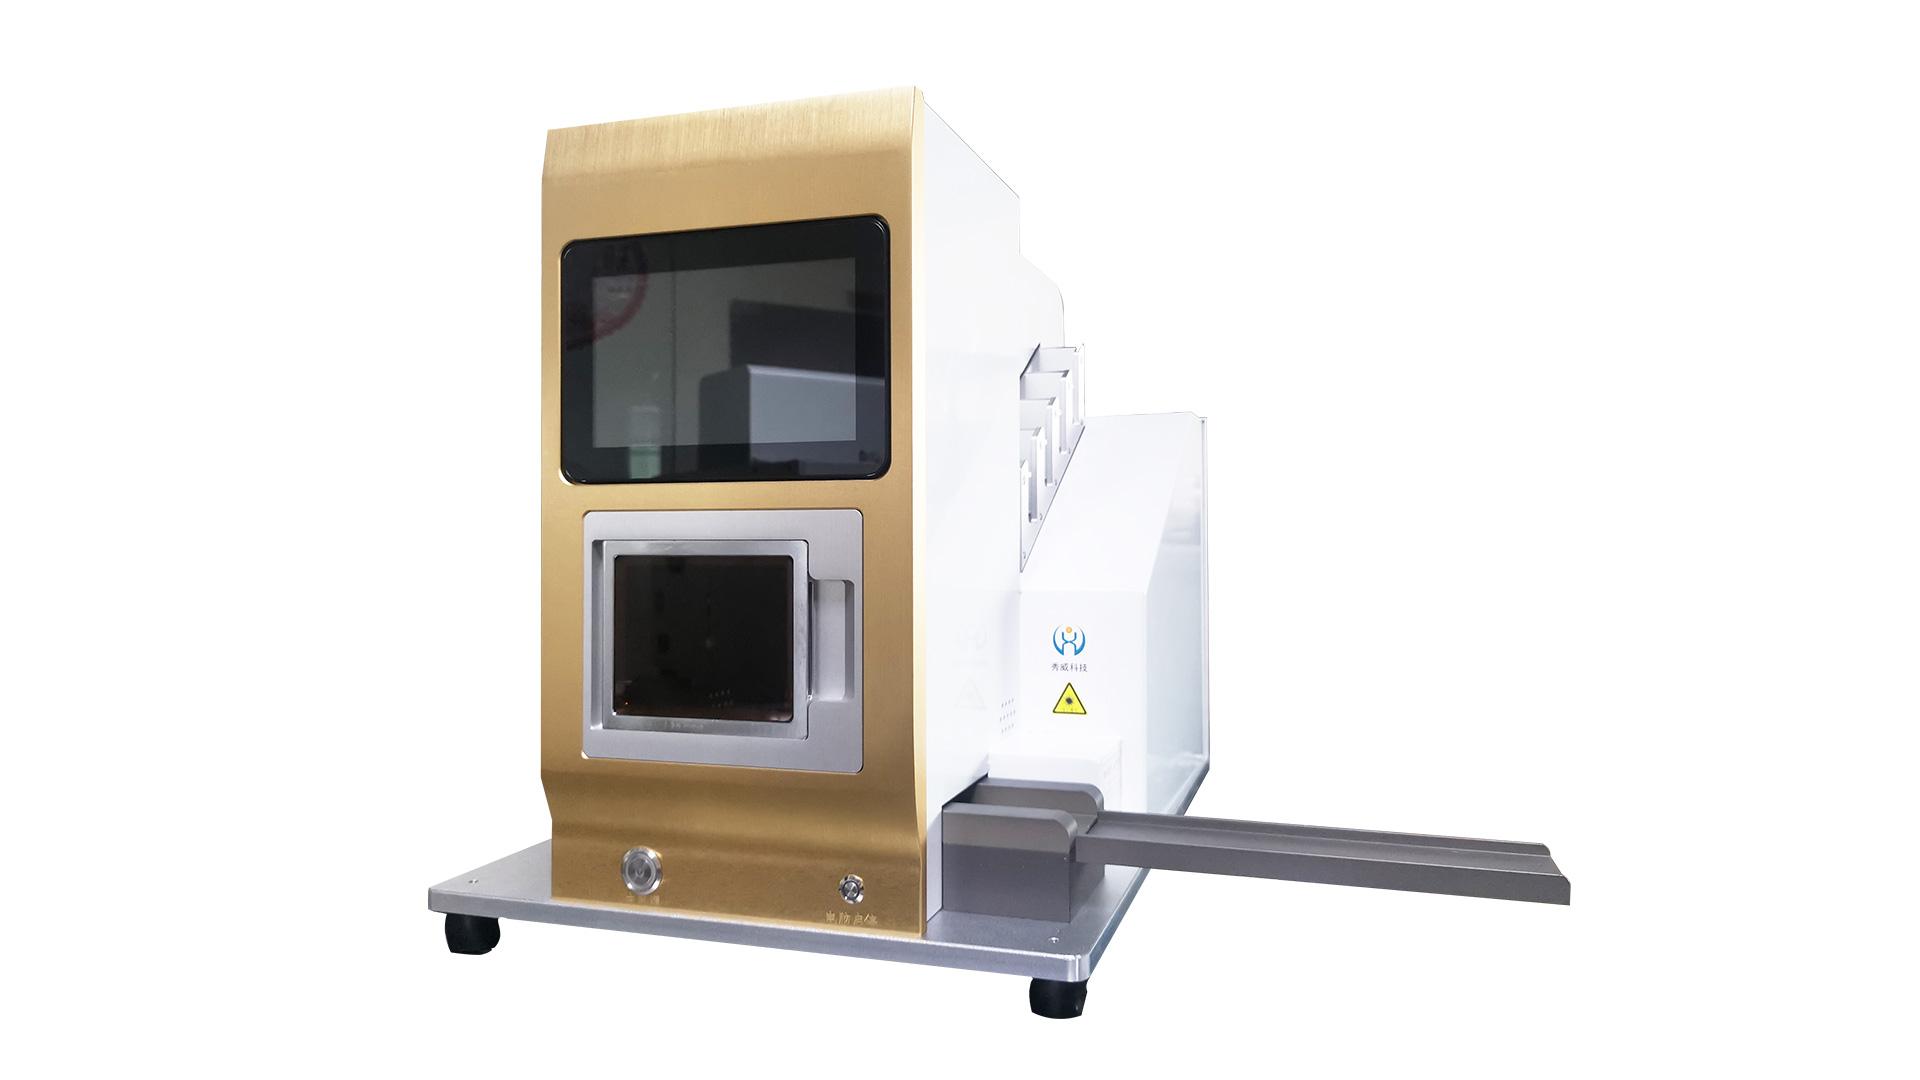 Impressora deslizante e cassete 2 em 1 unidade de combinação da impressora